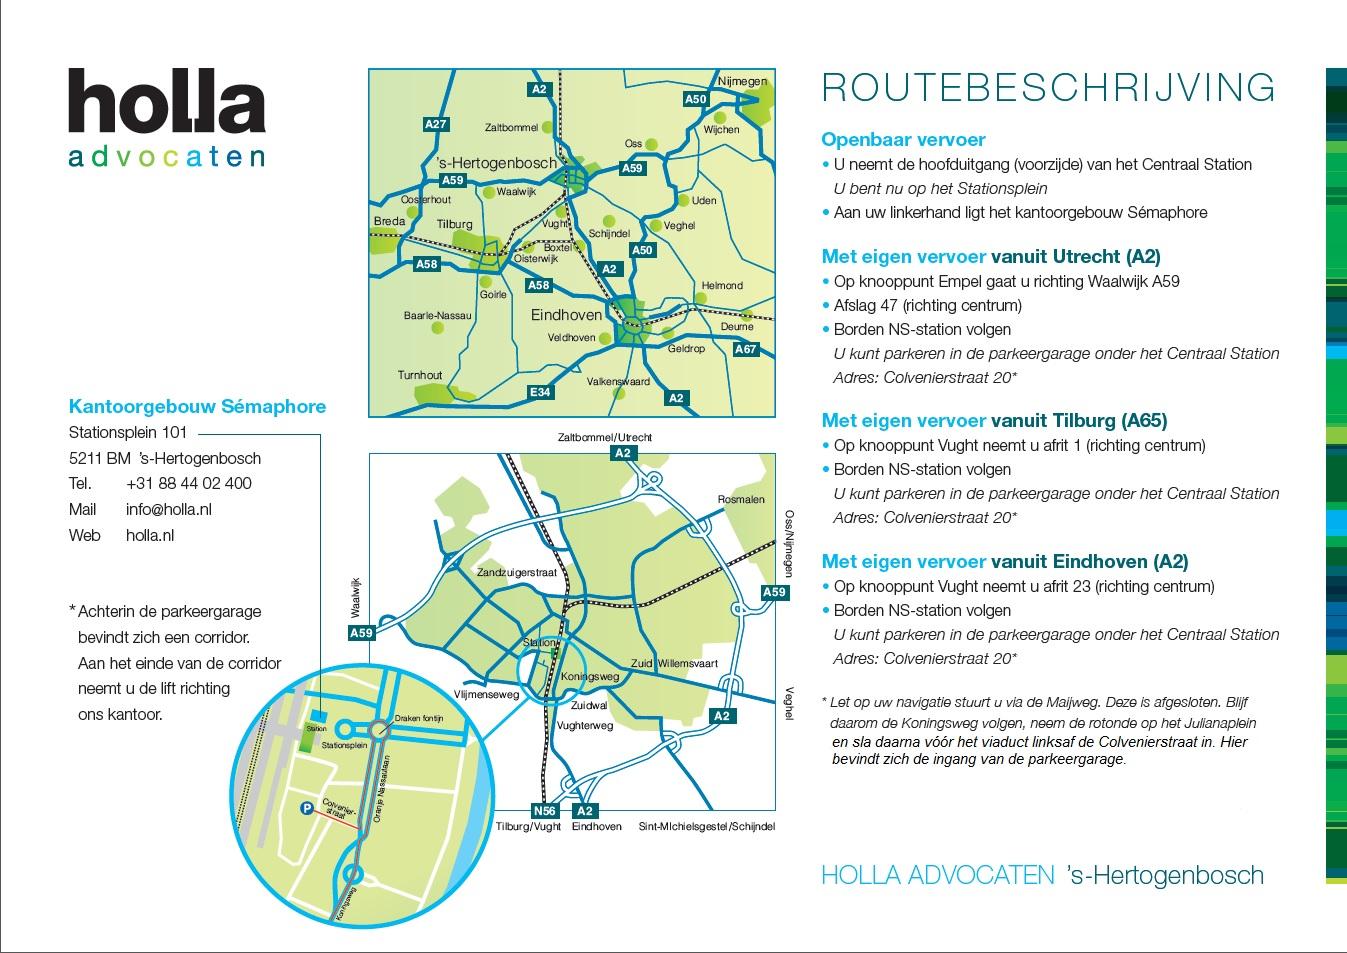 Contact en Routebeschrijving - Holla